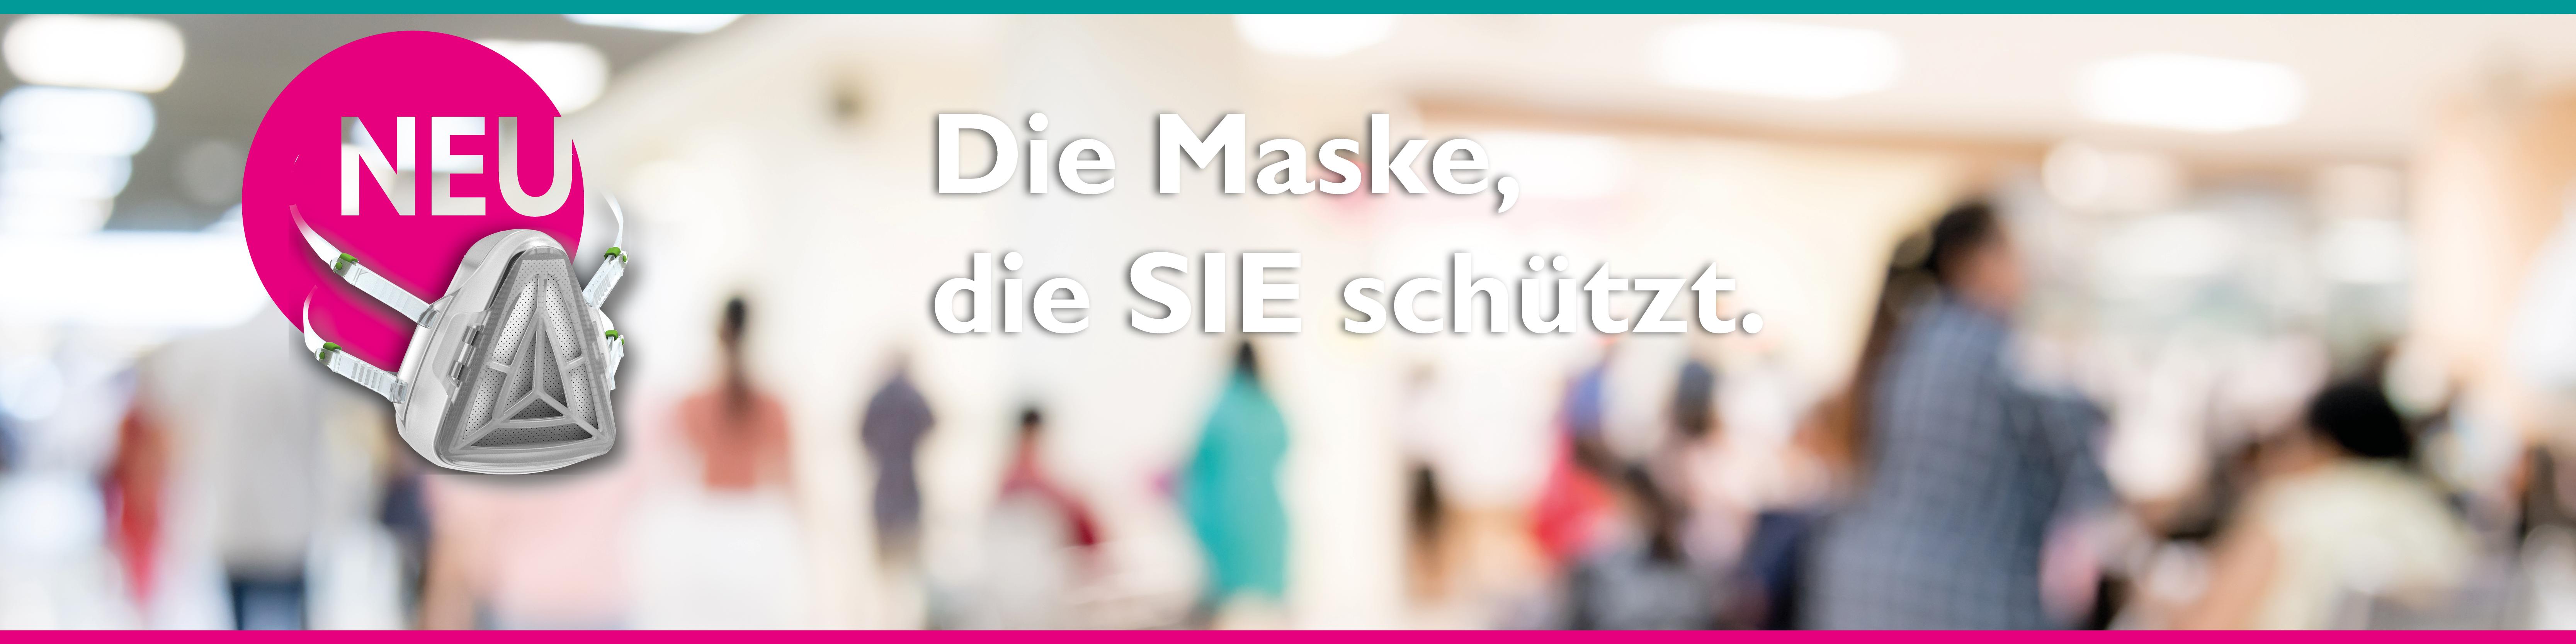 schutz sicherheit komfort beruflich privaten alltag virenschutz pandemie masken hygiene eigenschutz fremdschutz